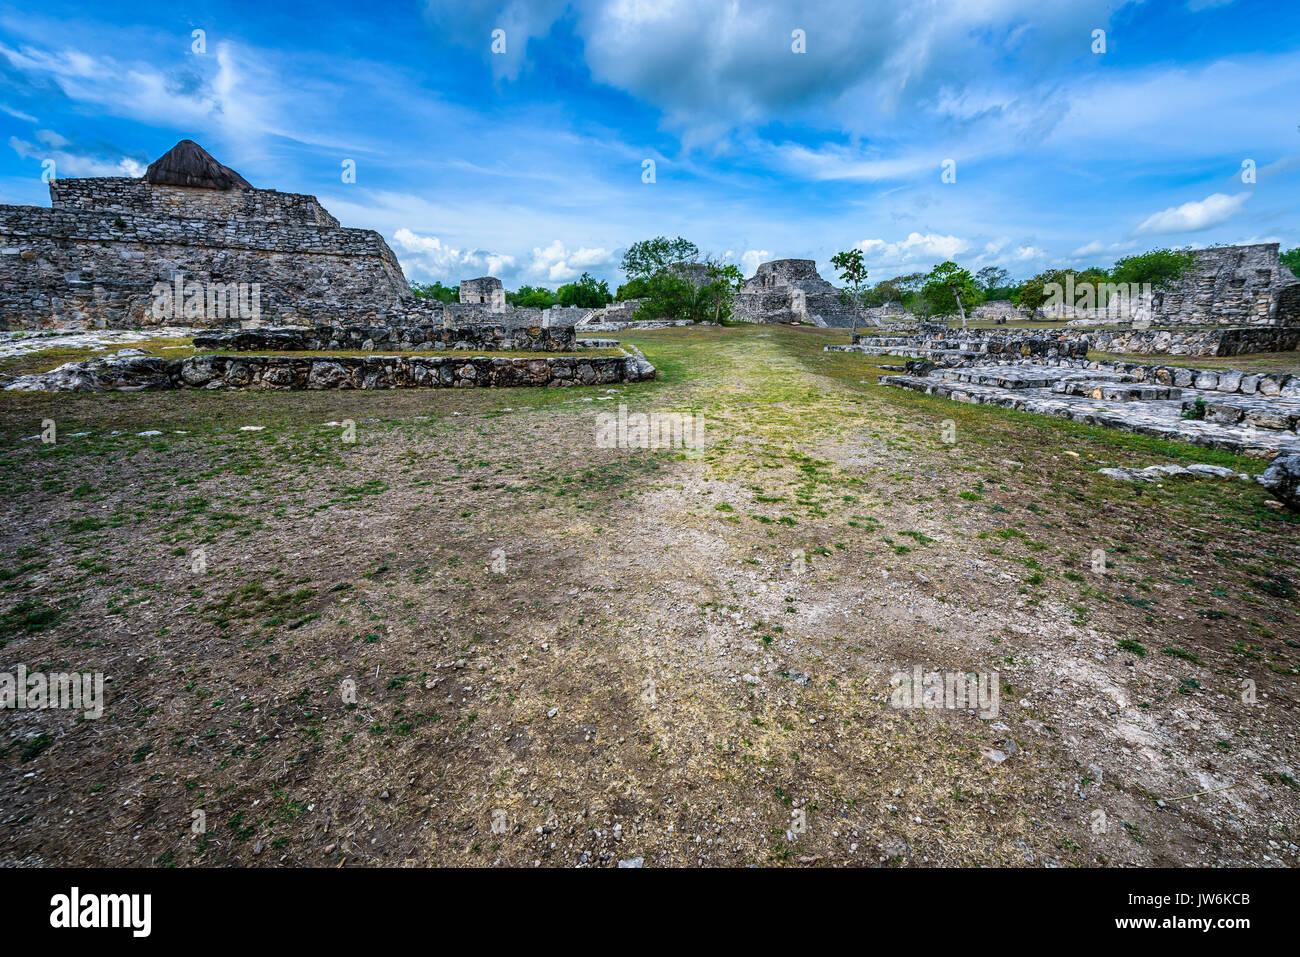 Archeological mayan site of Mayapan, Yucatan (Mexico) - Stock Image